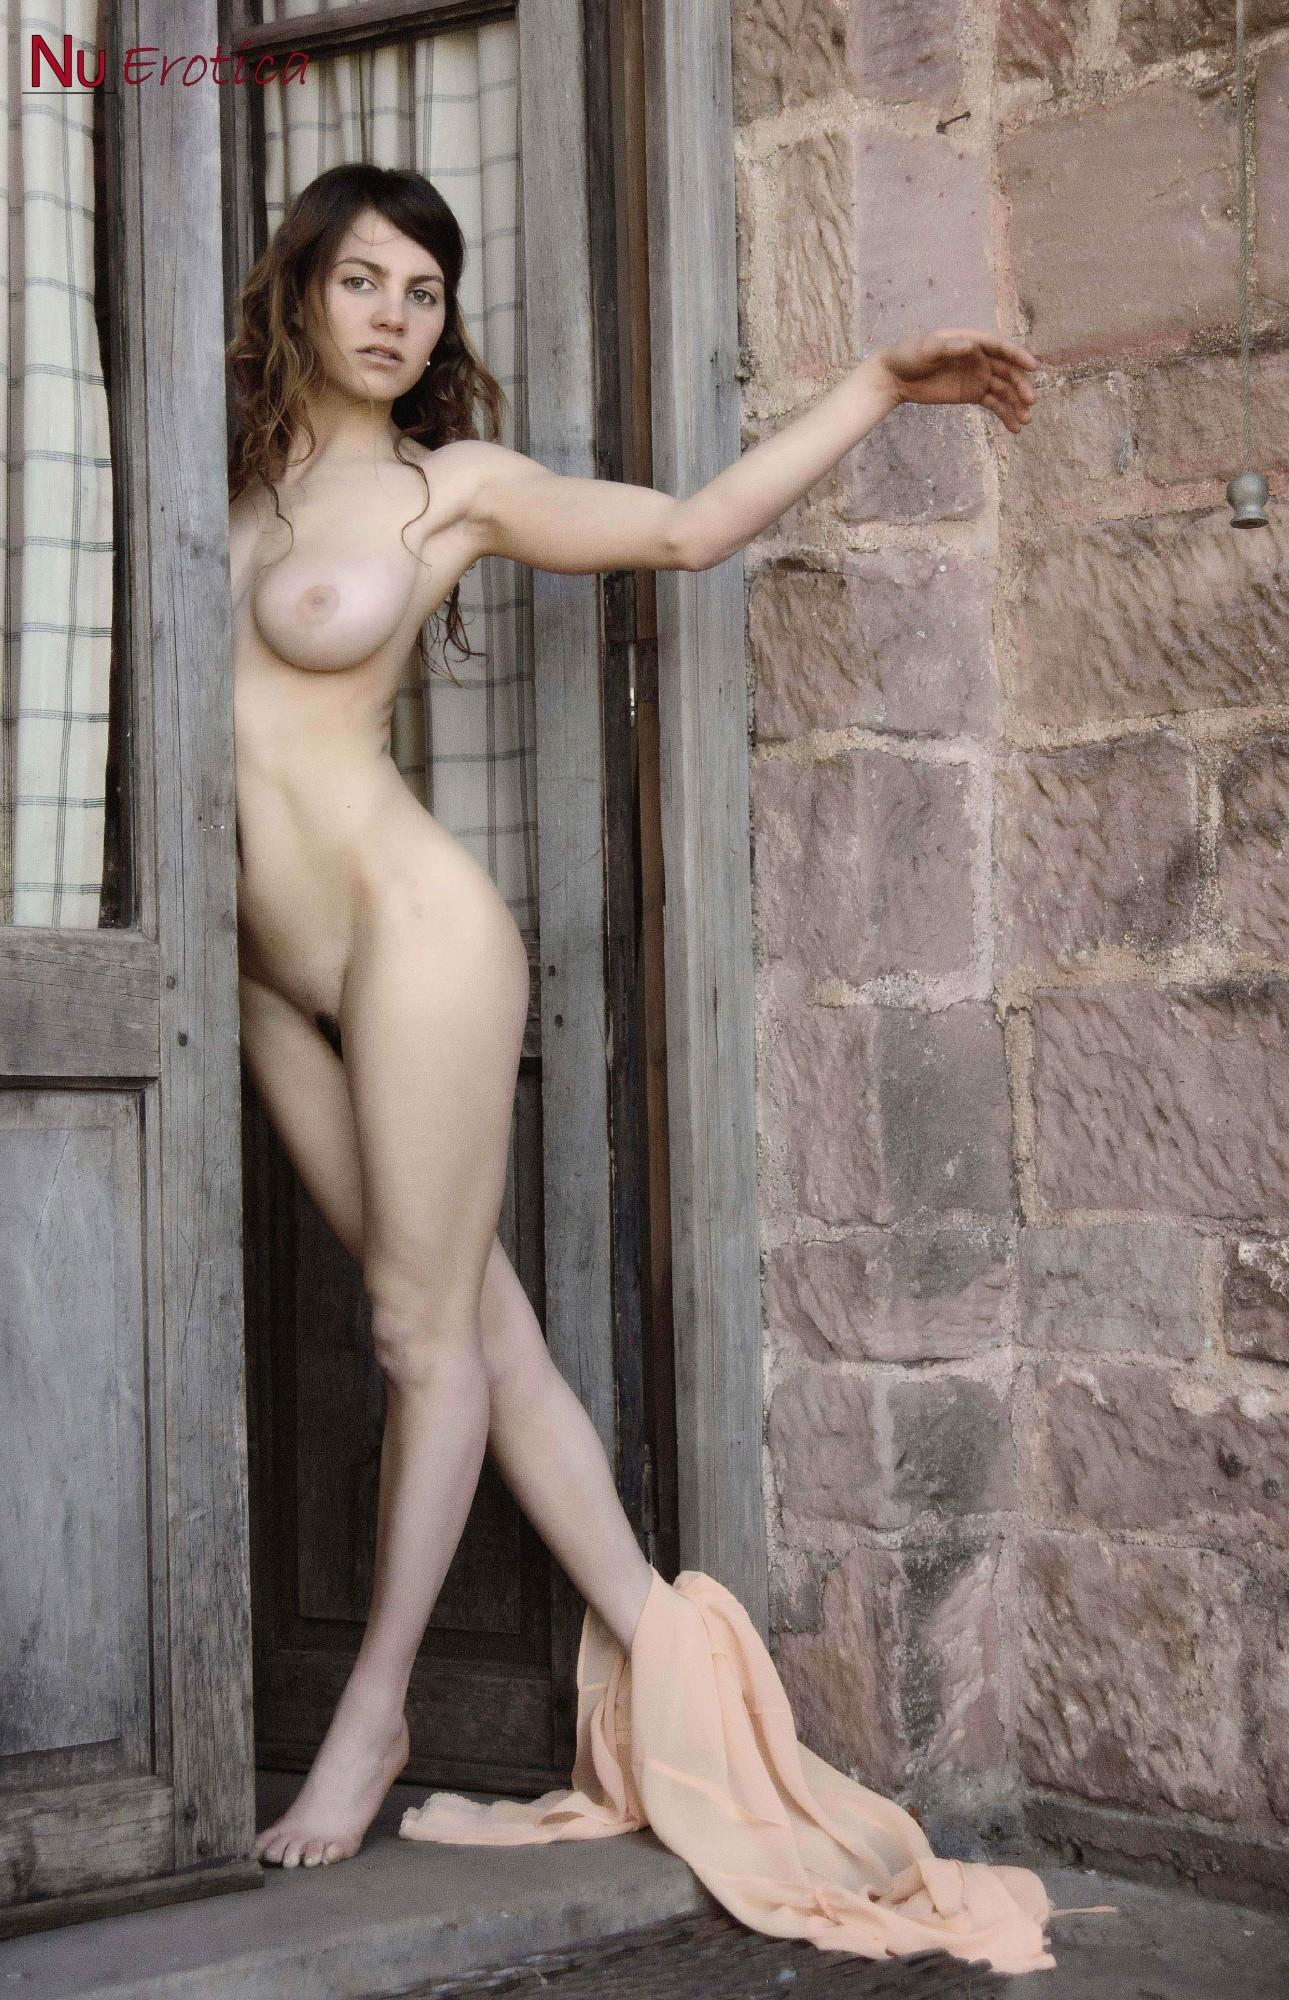 Esmeralda Nude In Courtyard - NuErotica 94002